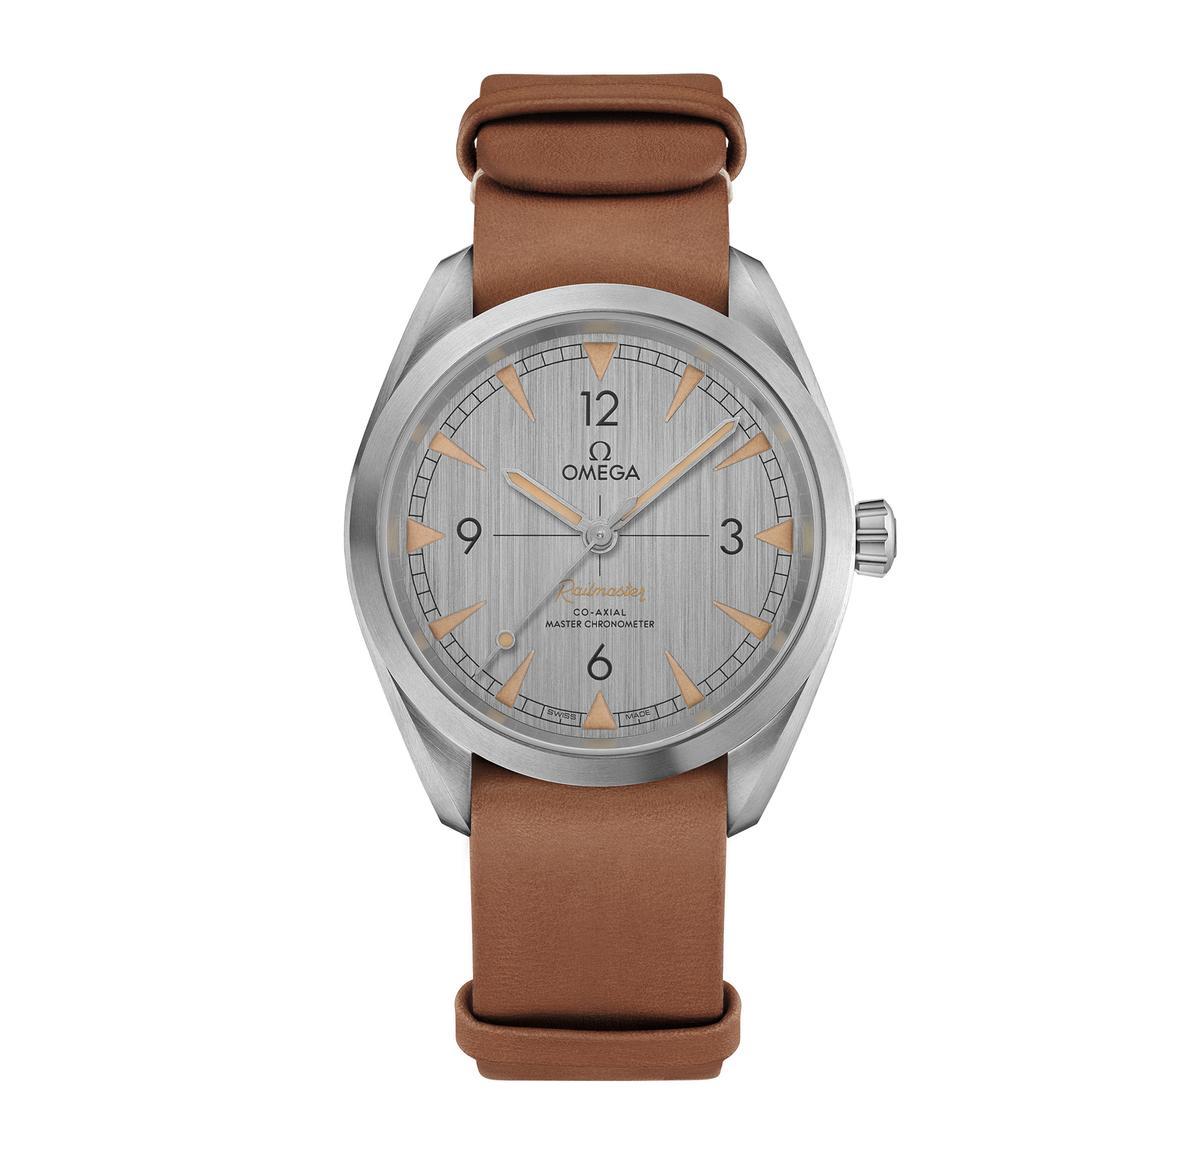 歐米茄超霸系列大師天文台腕錶,搭配NATO皮錶帶款式,定價NT$159,000。